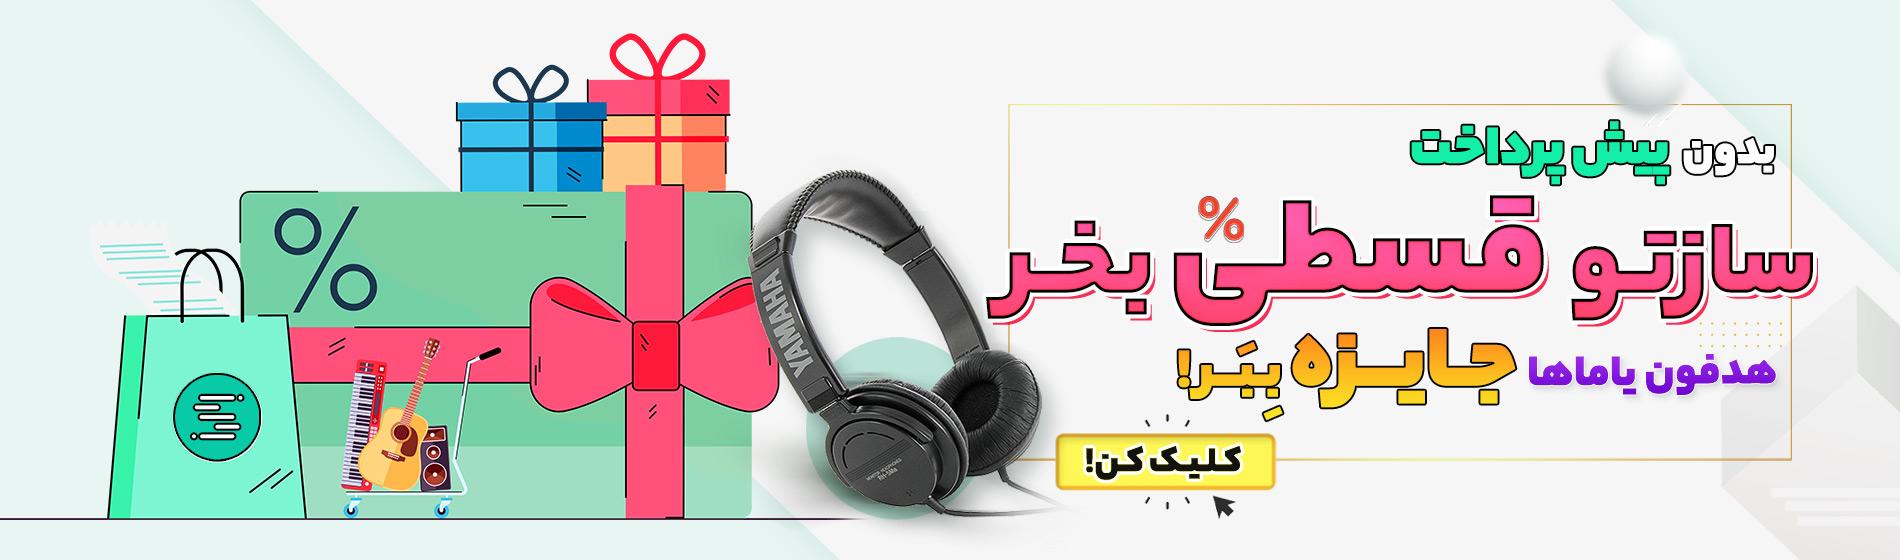 کمپین خرید اقساطی ساز